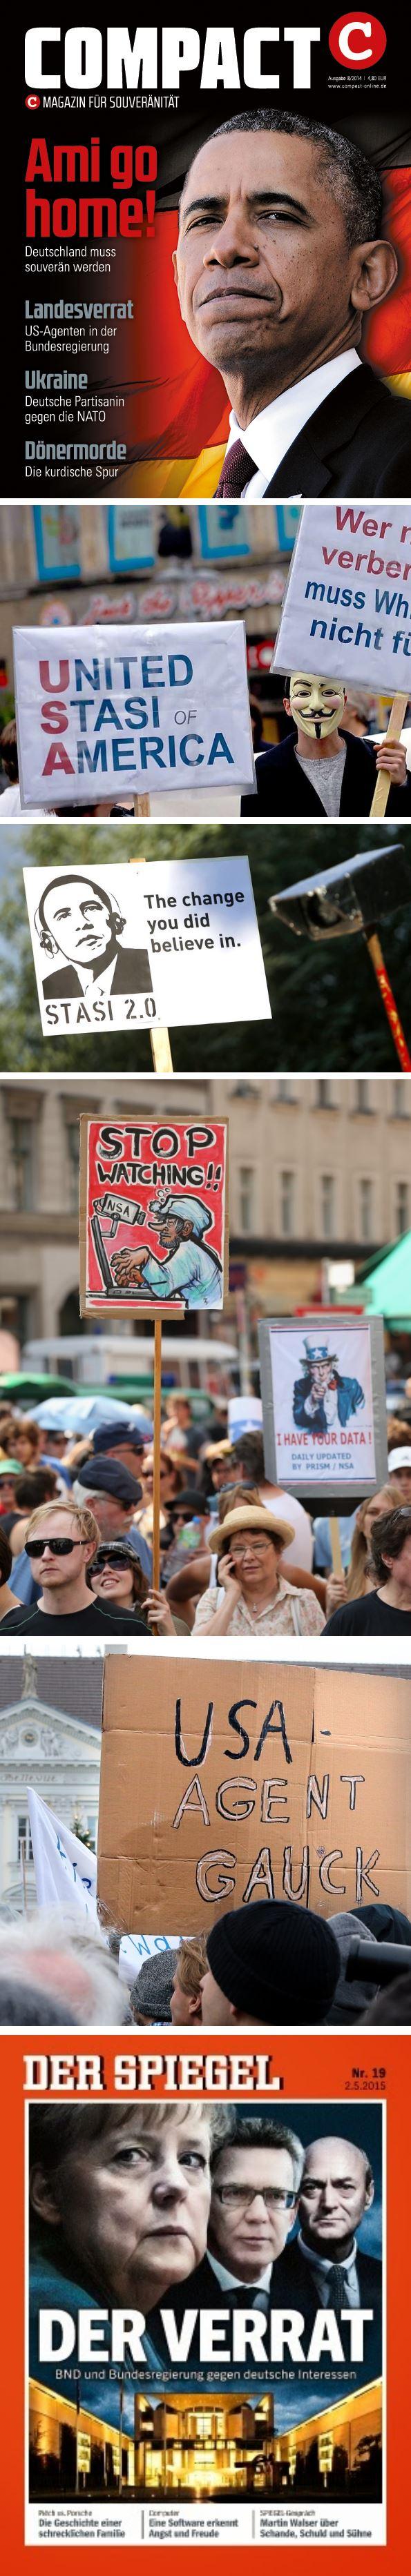 Sammlung antiamerikanischer Plakate und Zeitschriftenmotive zum Thema Überwachung